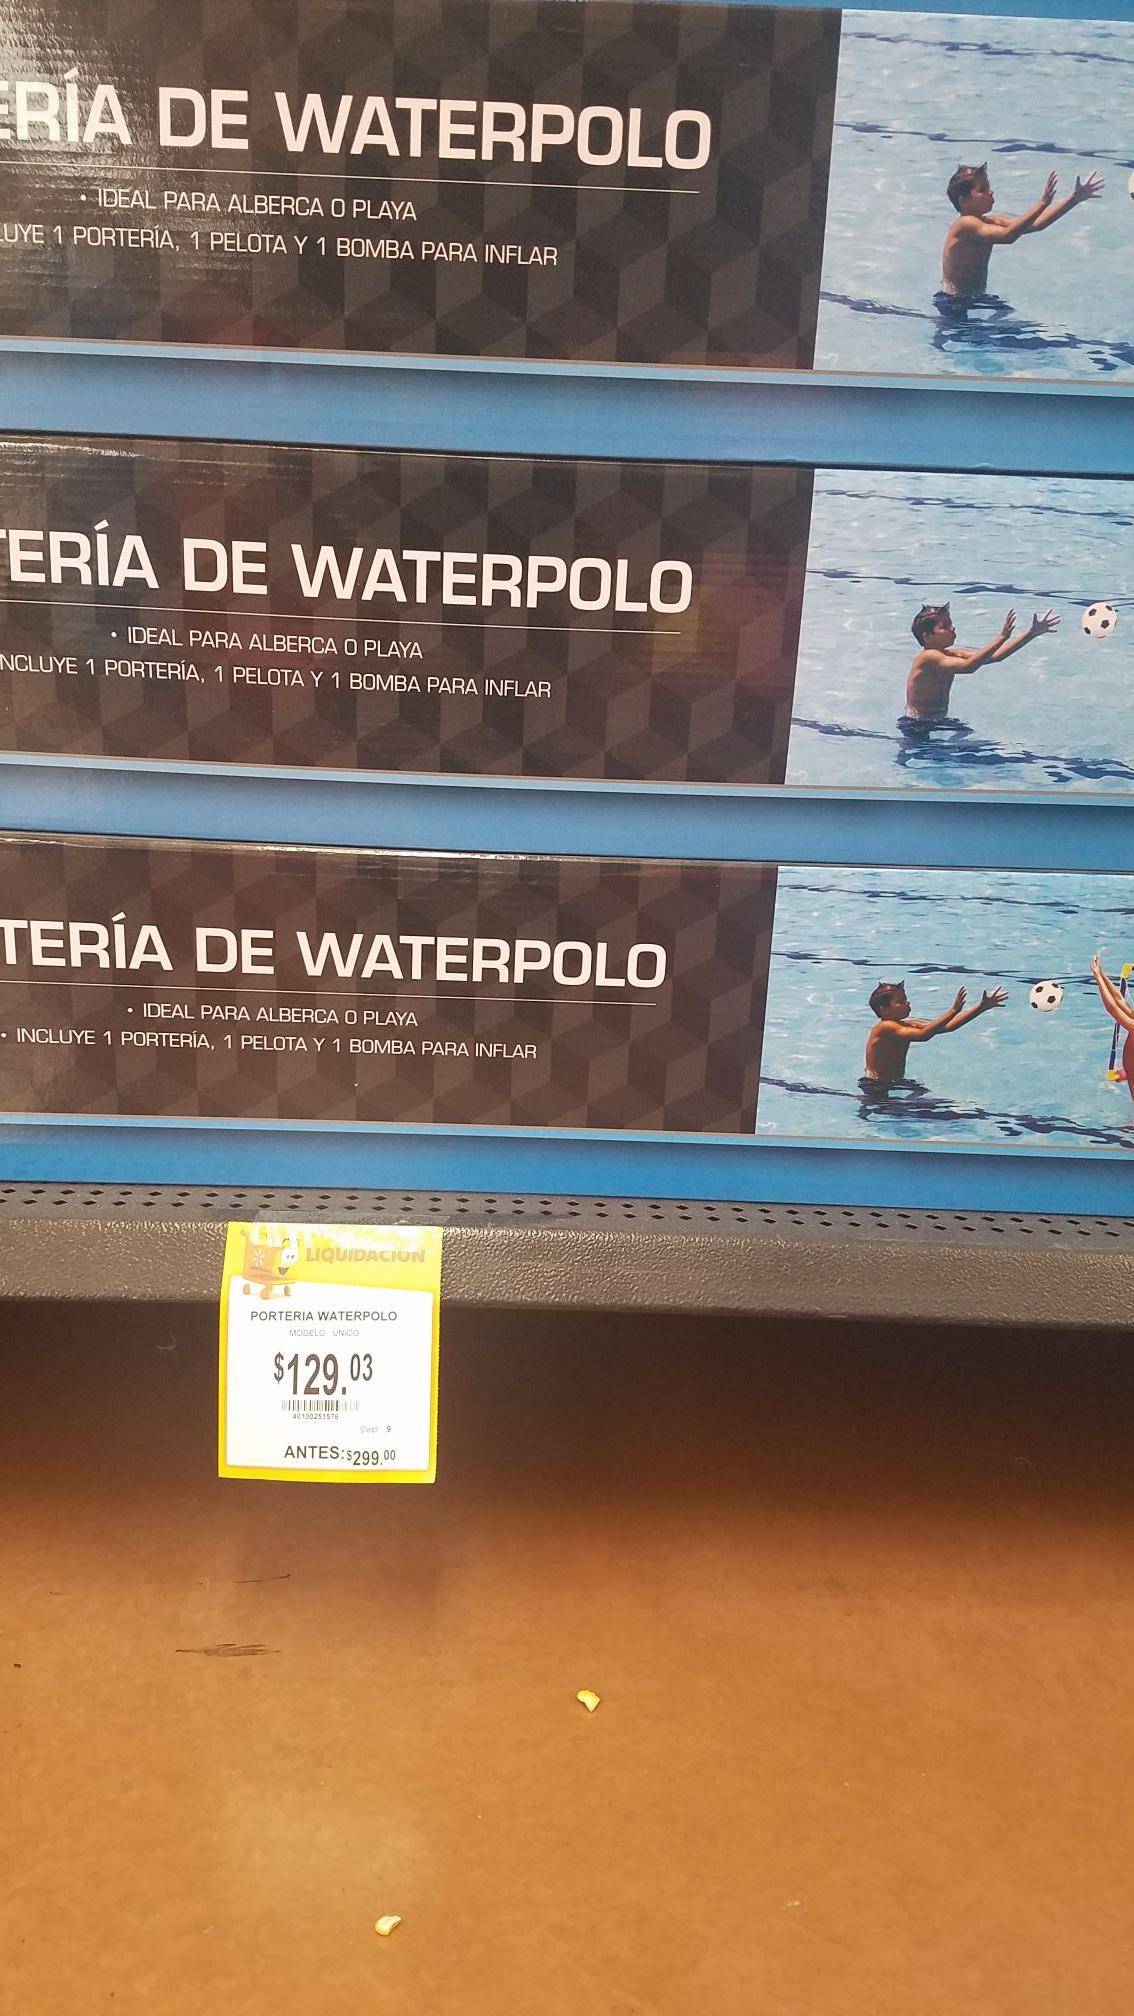 Walmart: Portería waterpolo 129.03. Lampara madera 99.02, pasta barilla 27.02,  reloj 165.02 y mas...